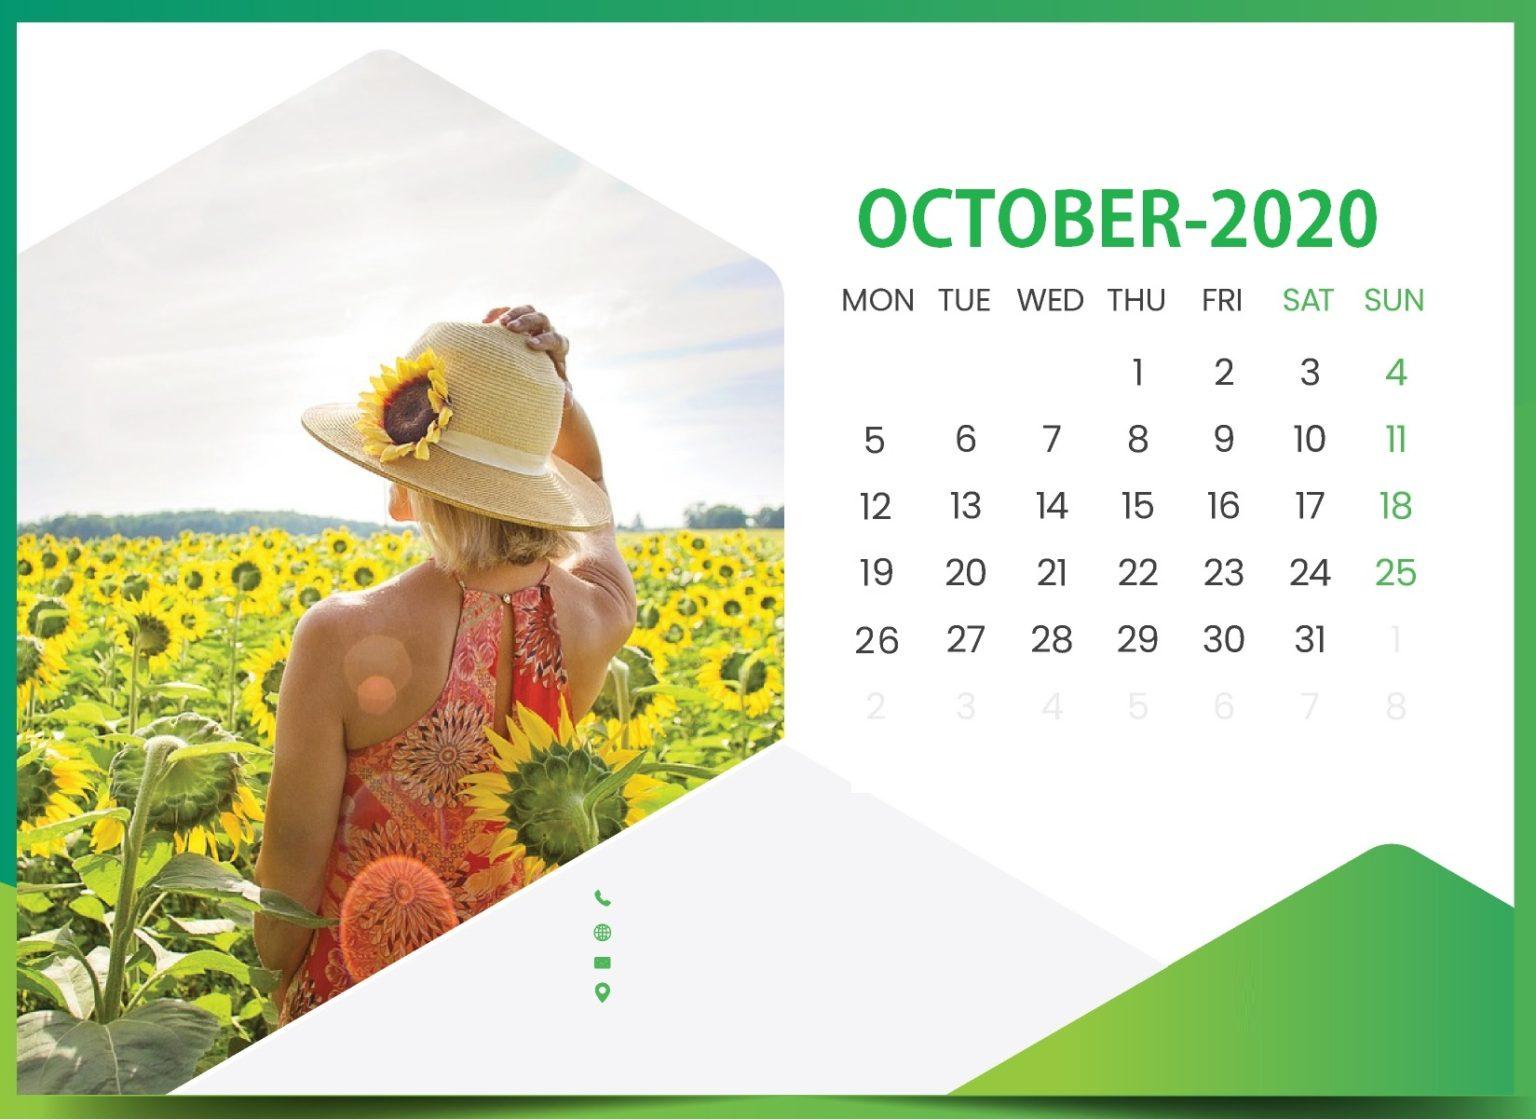 October 2020 Office Wall Calendar